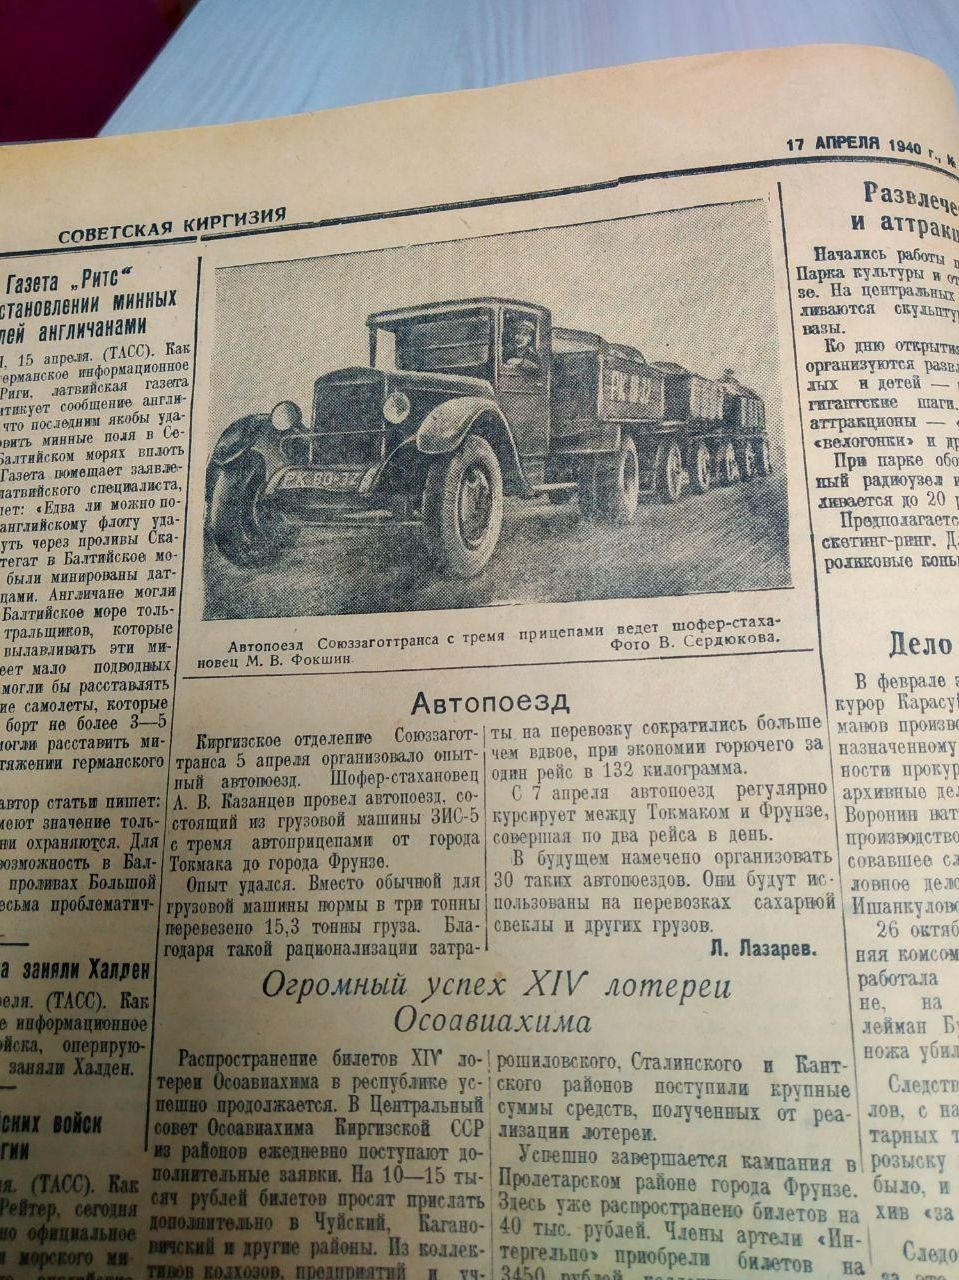 Страница газеты Советская Киргизия за 17 апреля 1940 года